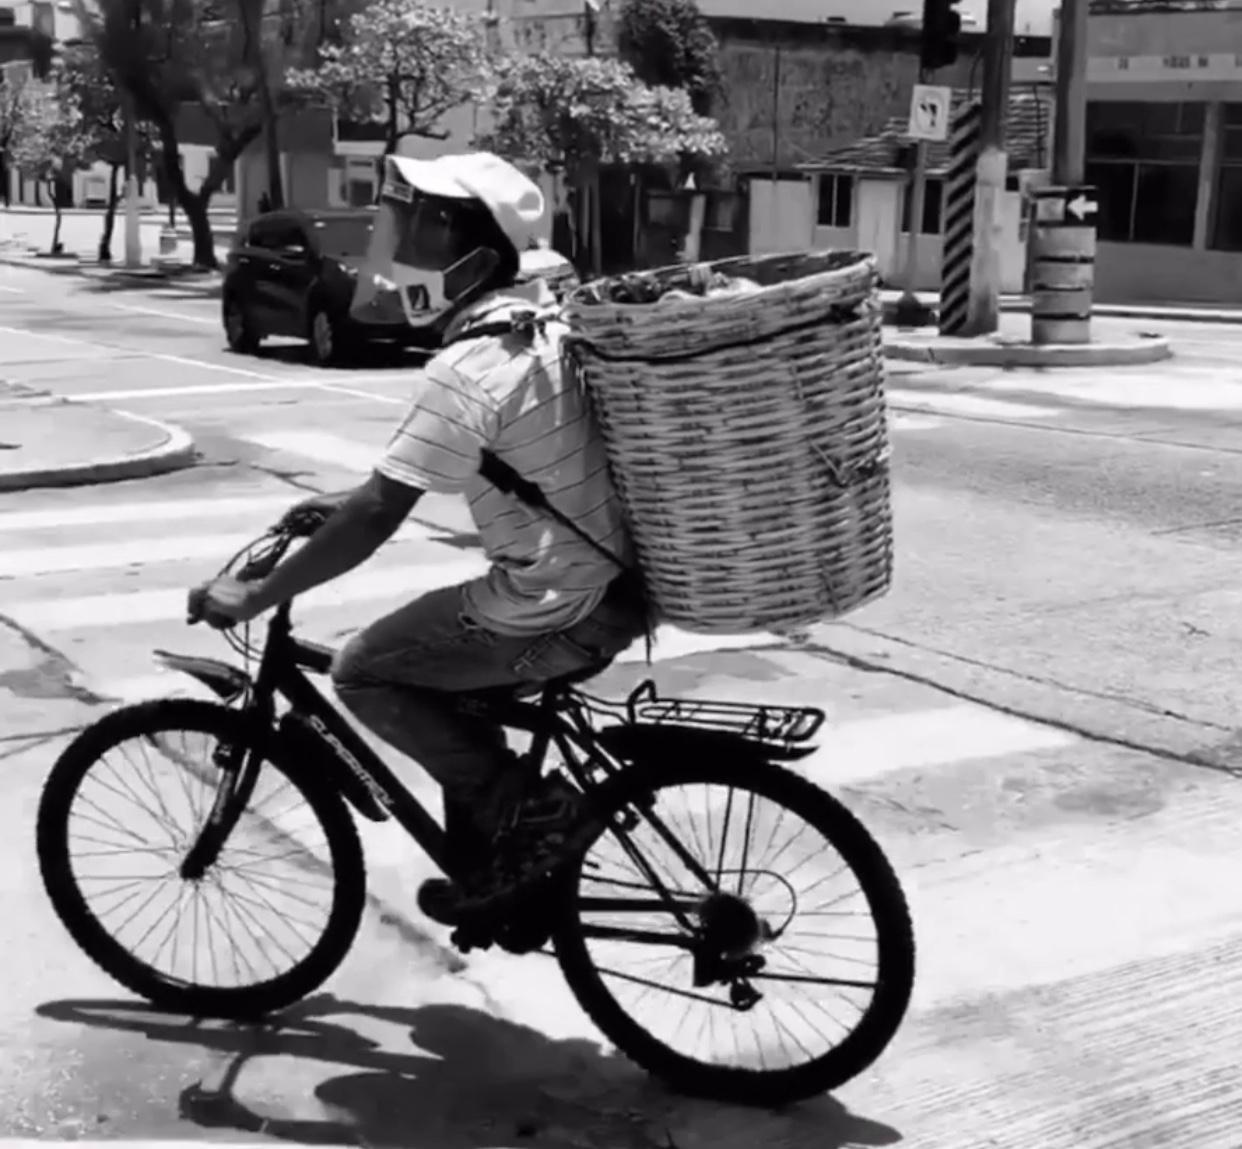 Organizaciones altruistas donan bicicleta a vendedor de bolillos en Coatzacoalcos; se la habían robado